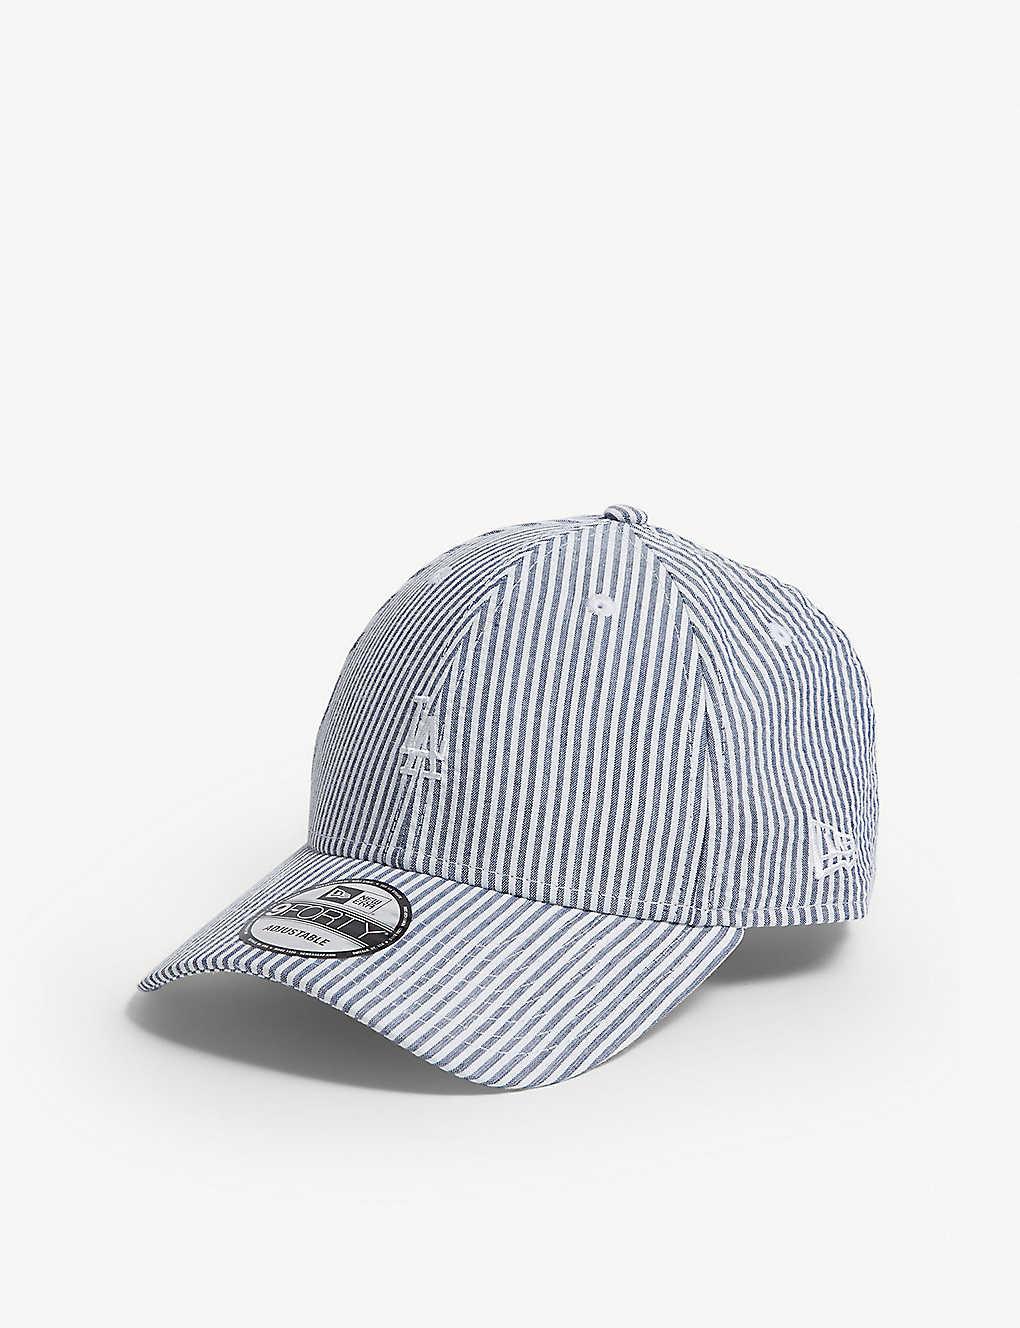 1eaa2d237777a7 NEW ERA - 9FORTY LA Dodgers seersucker strapback cap | Selfridges.com